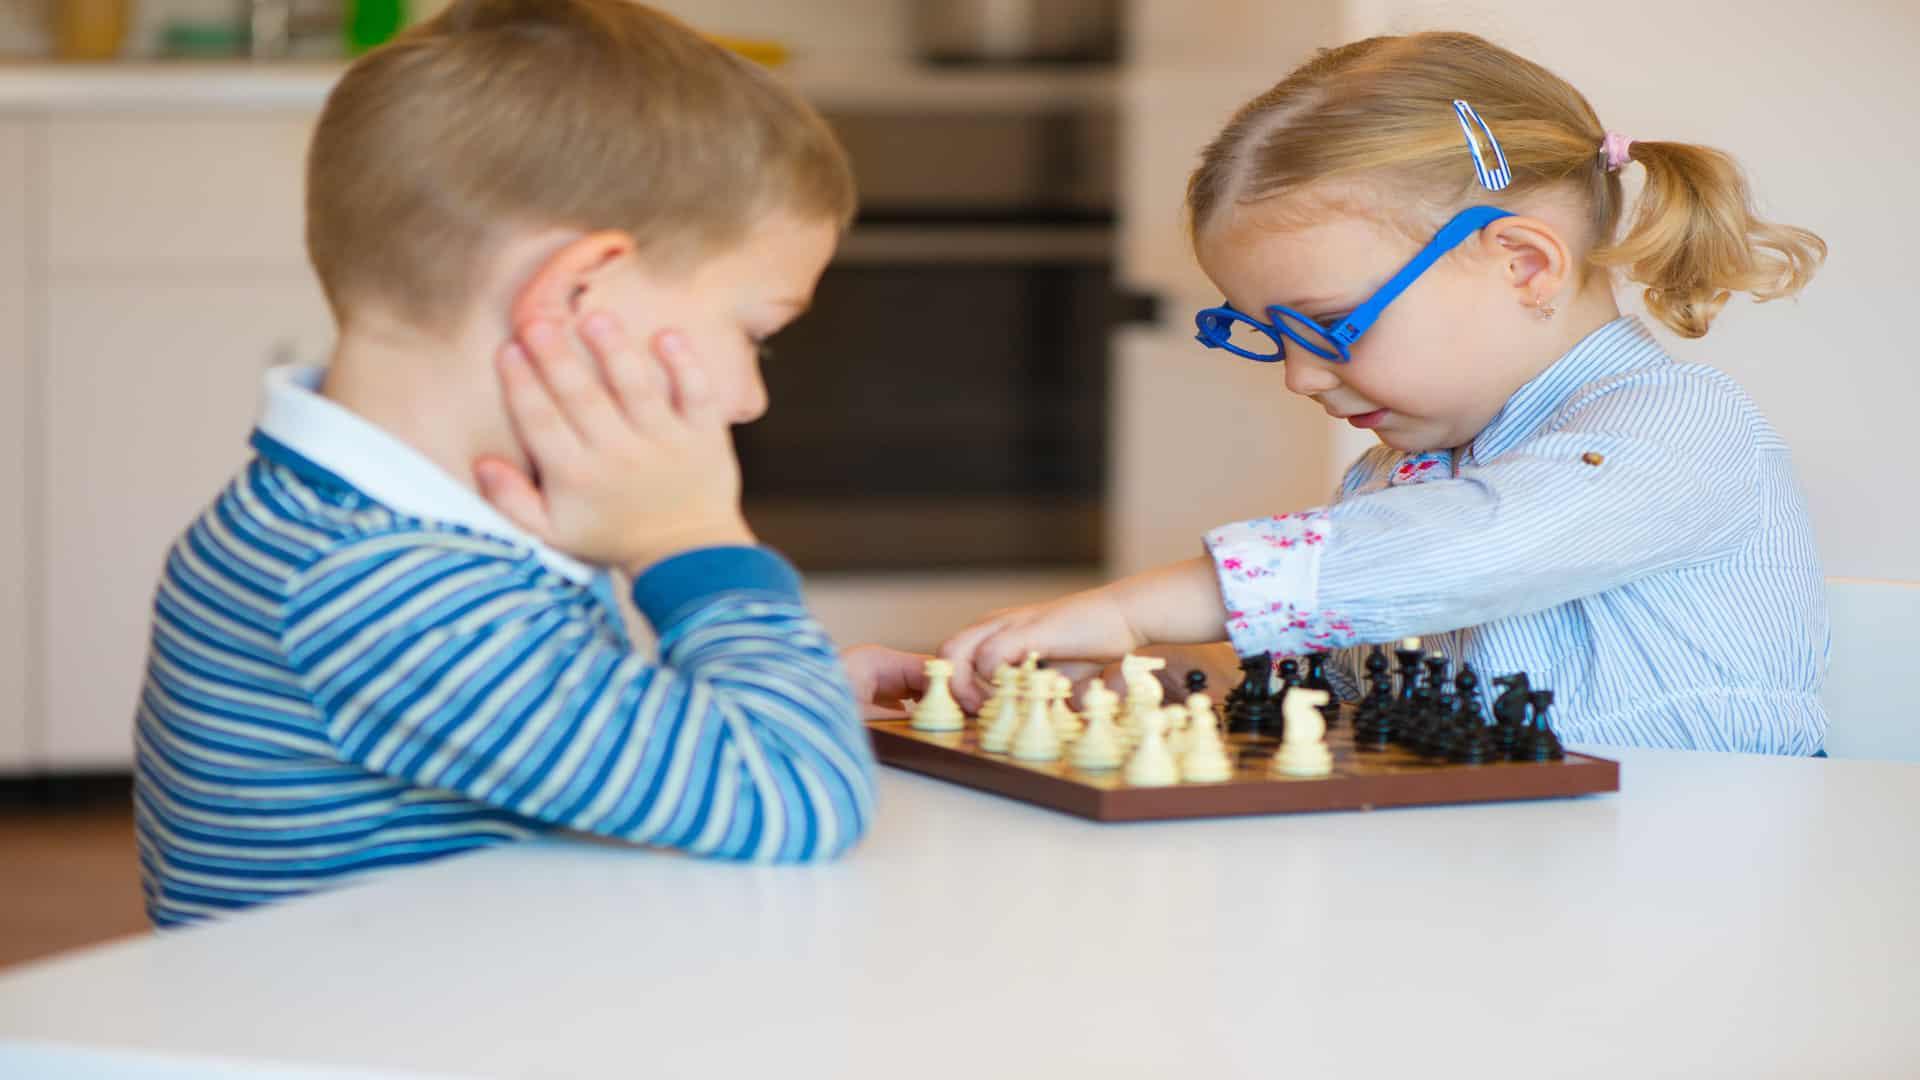 giochi-da-tavolo-per-due-principale-xcyp1